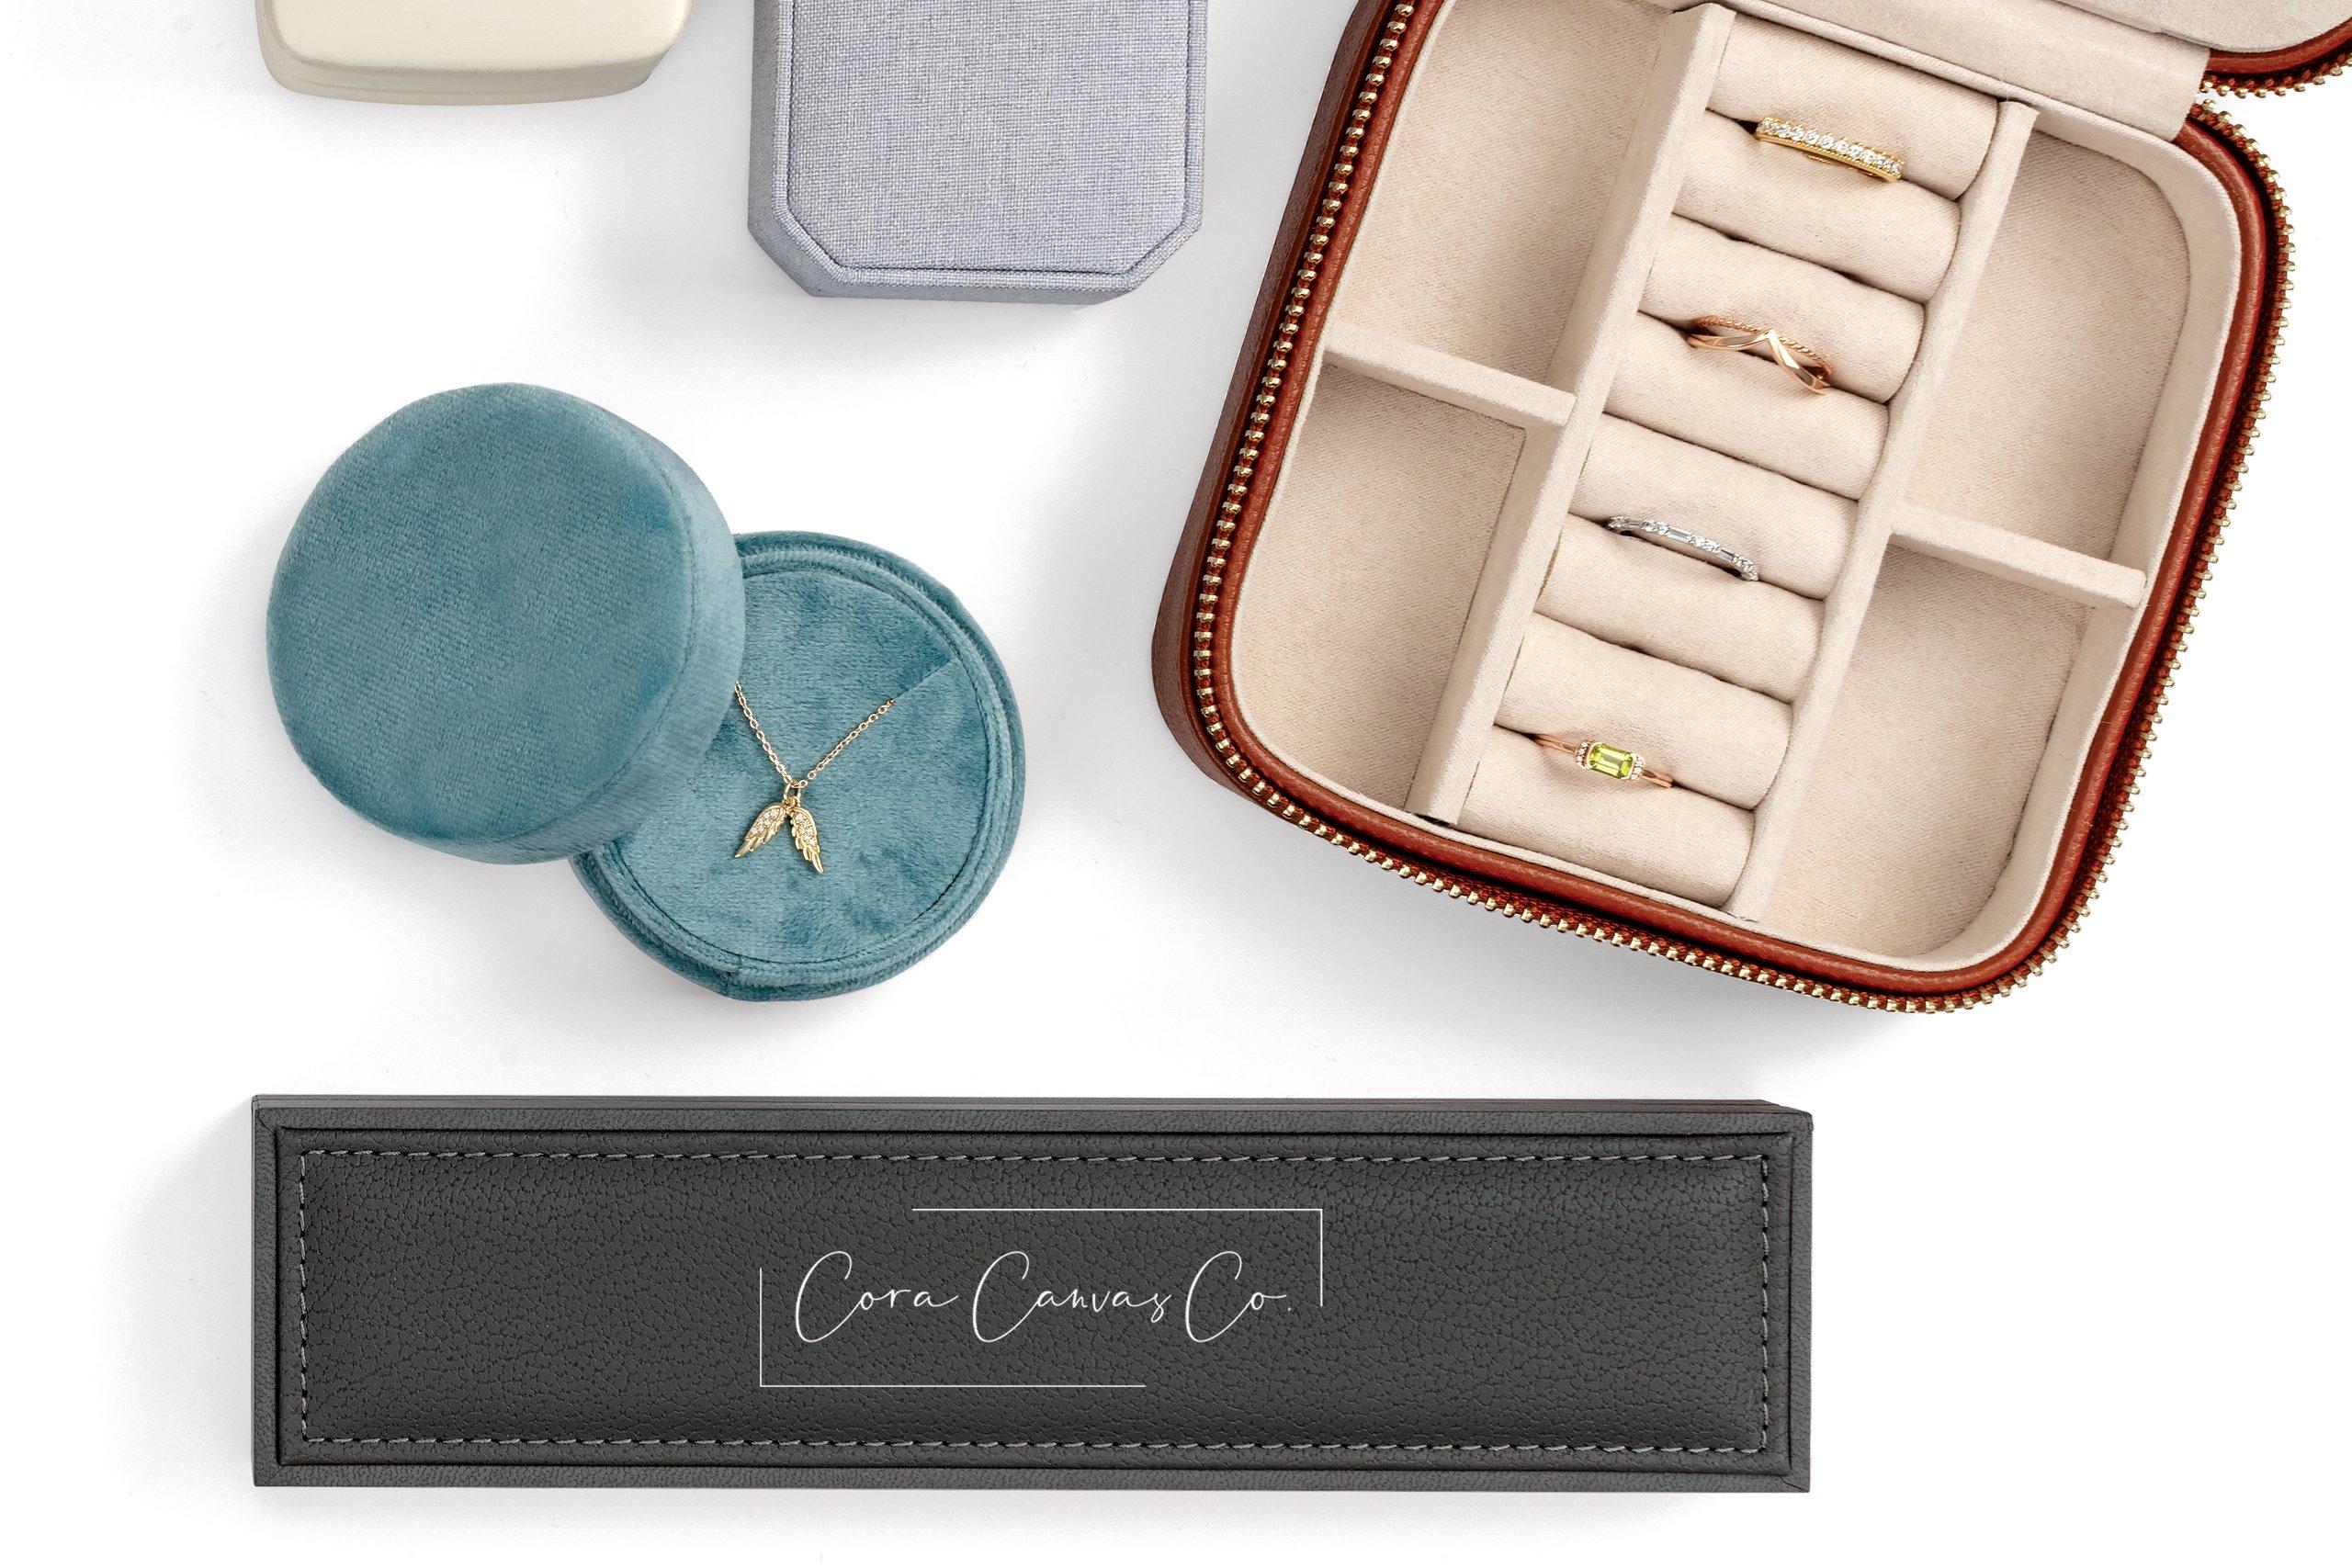 packaging & displays